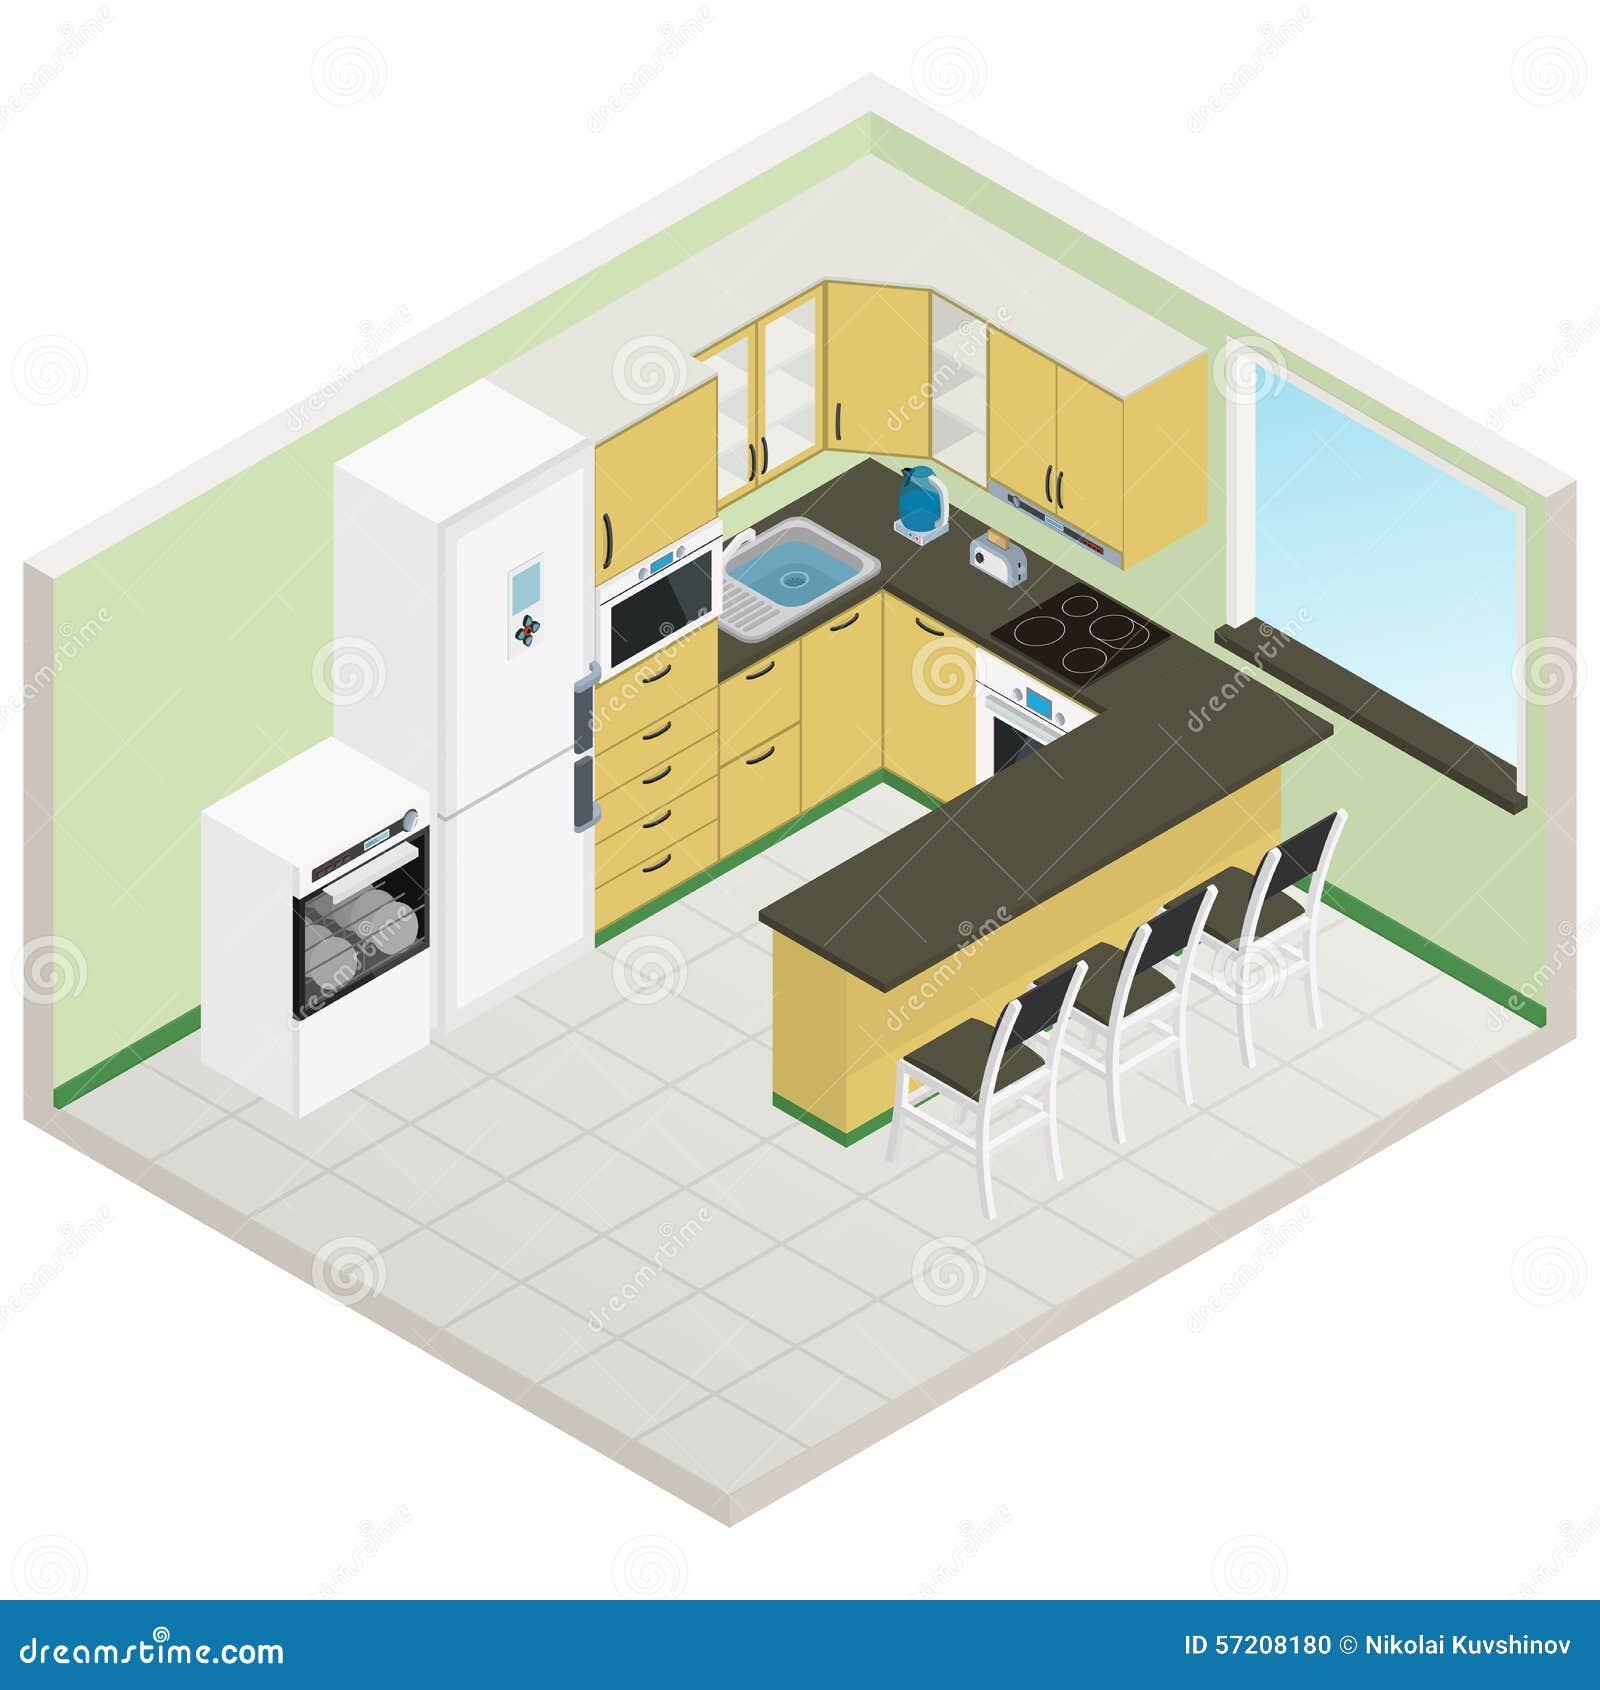 3d Floor Plan Isometric: Vector Isometric Kitchen Interior Stock Vector